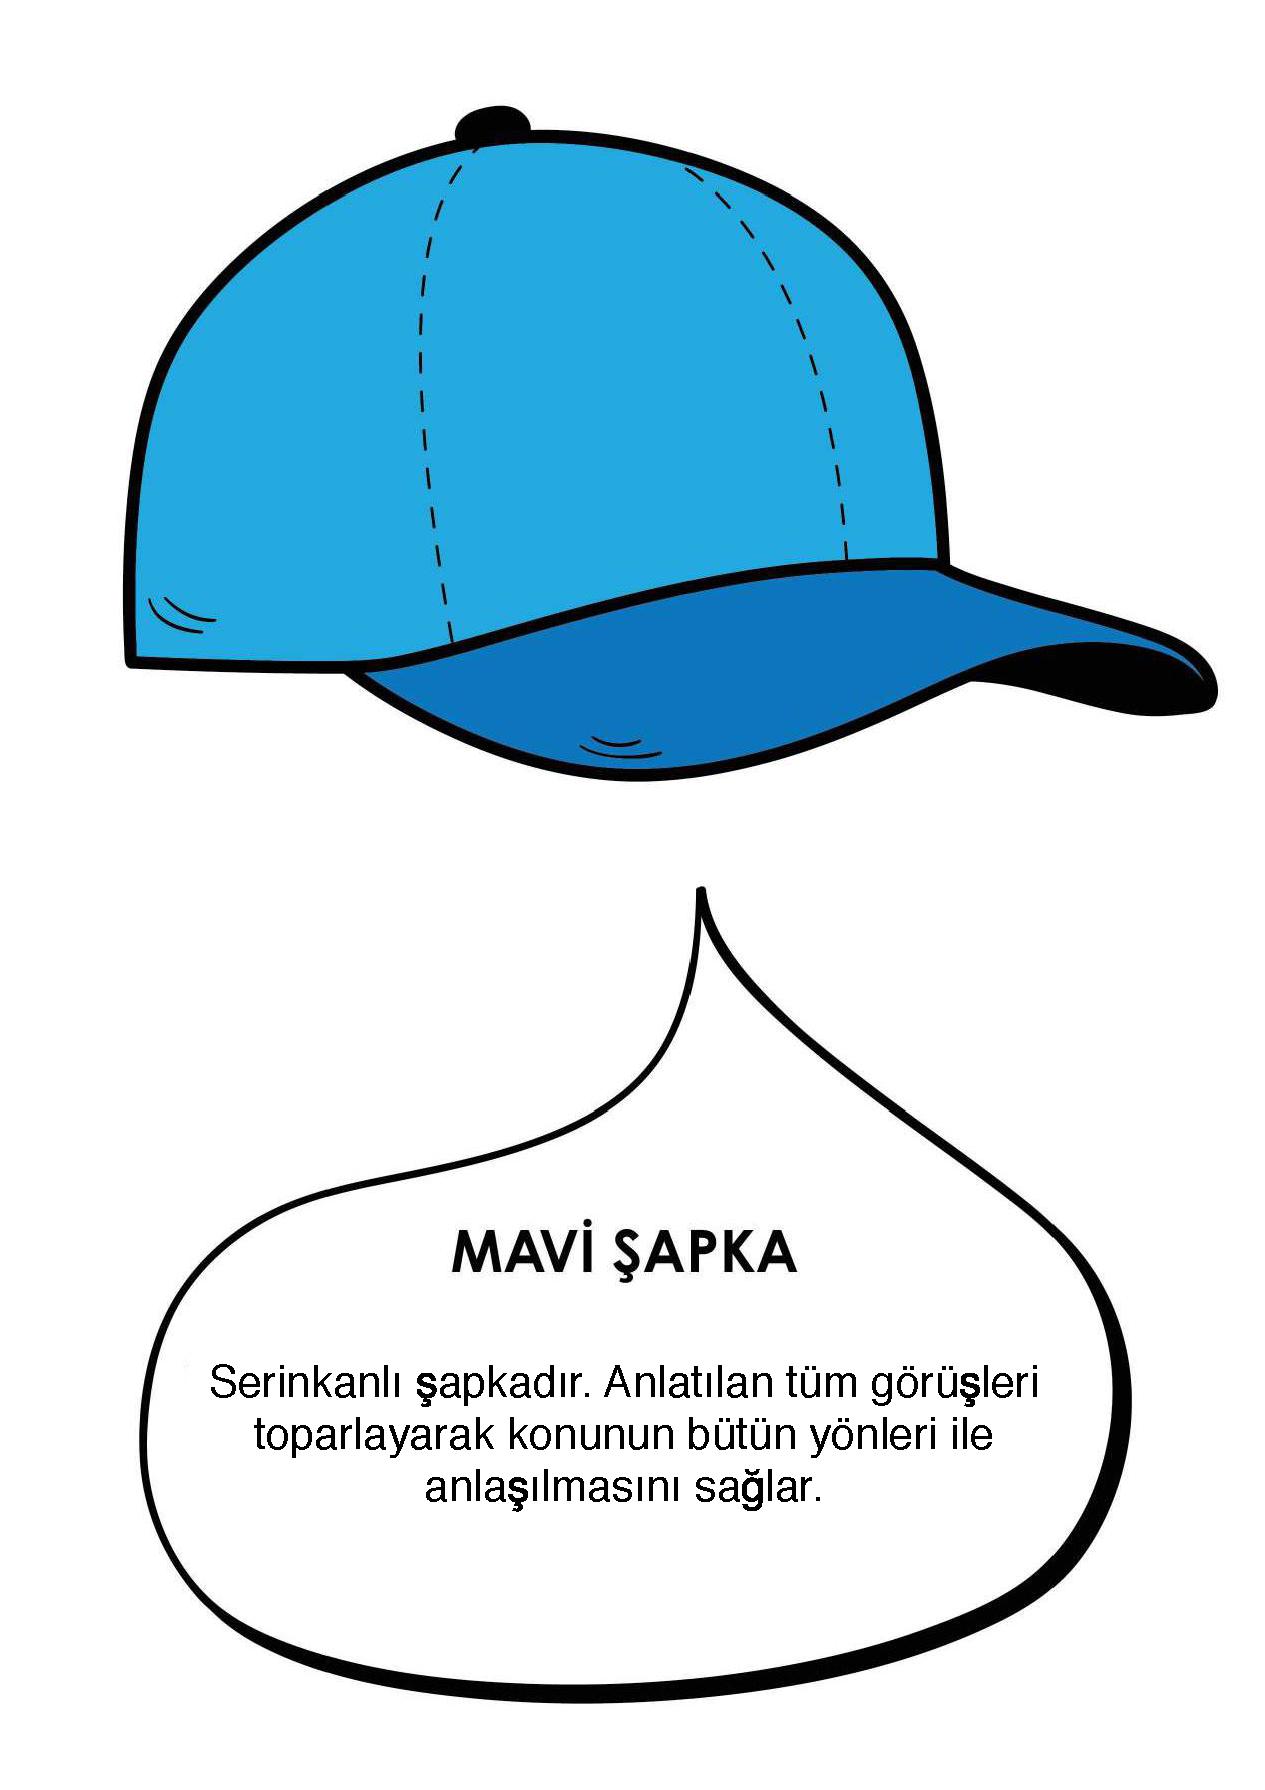 6)Mavi Şapka : SERİNKANLILIK